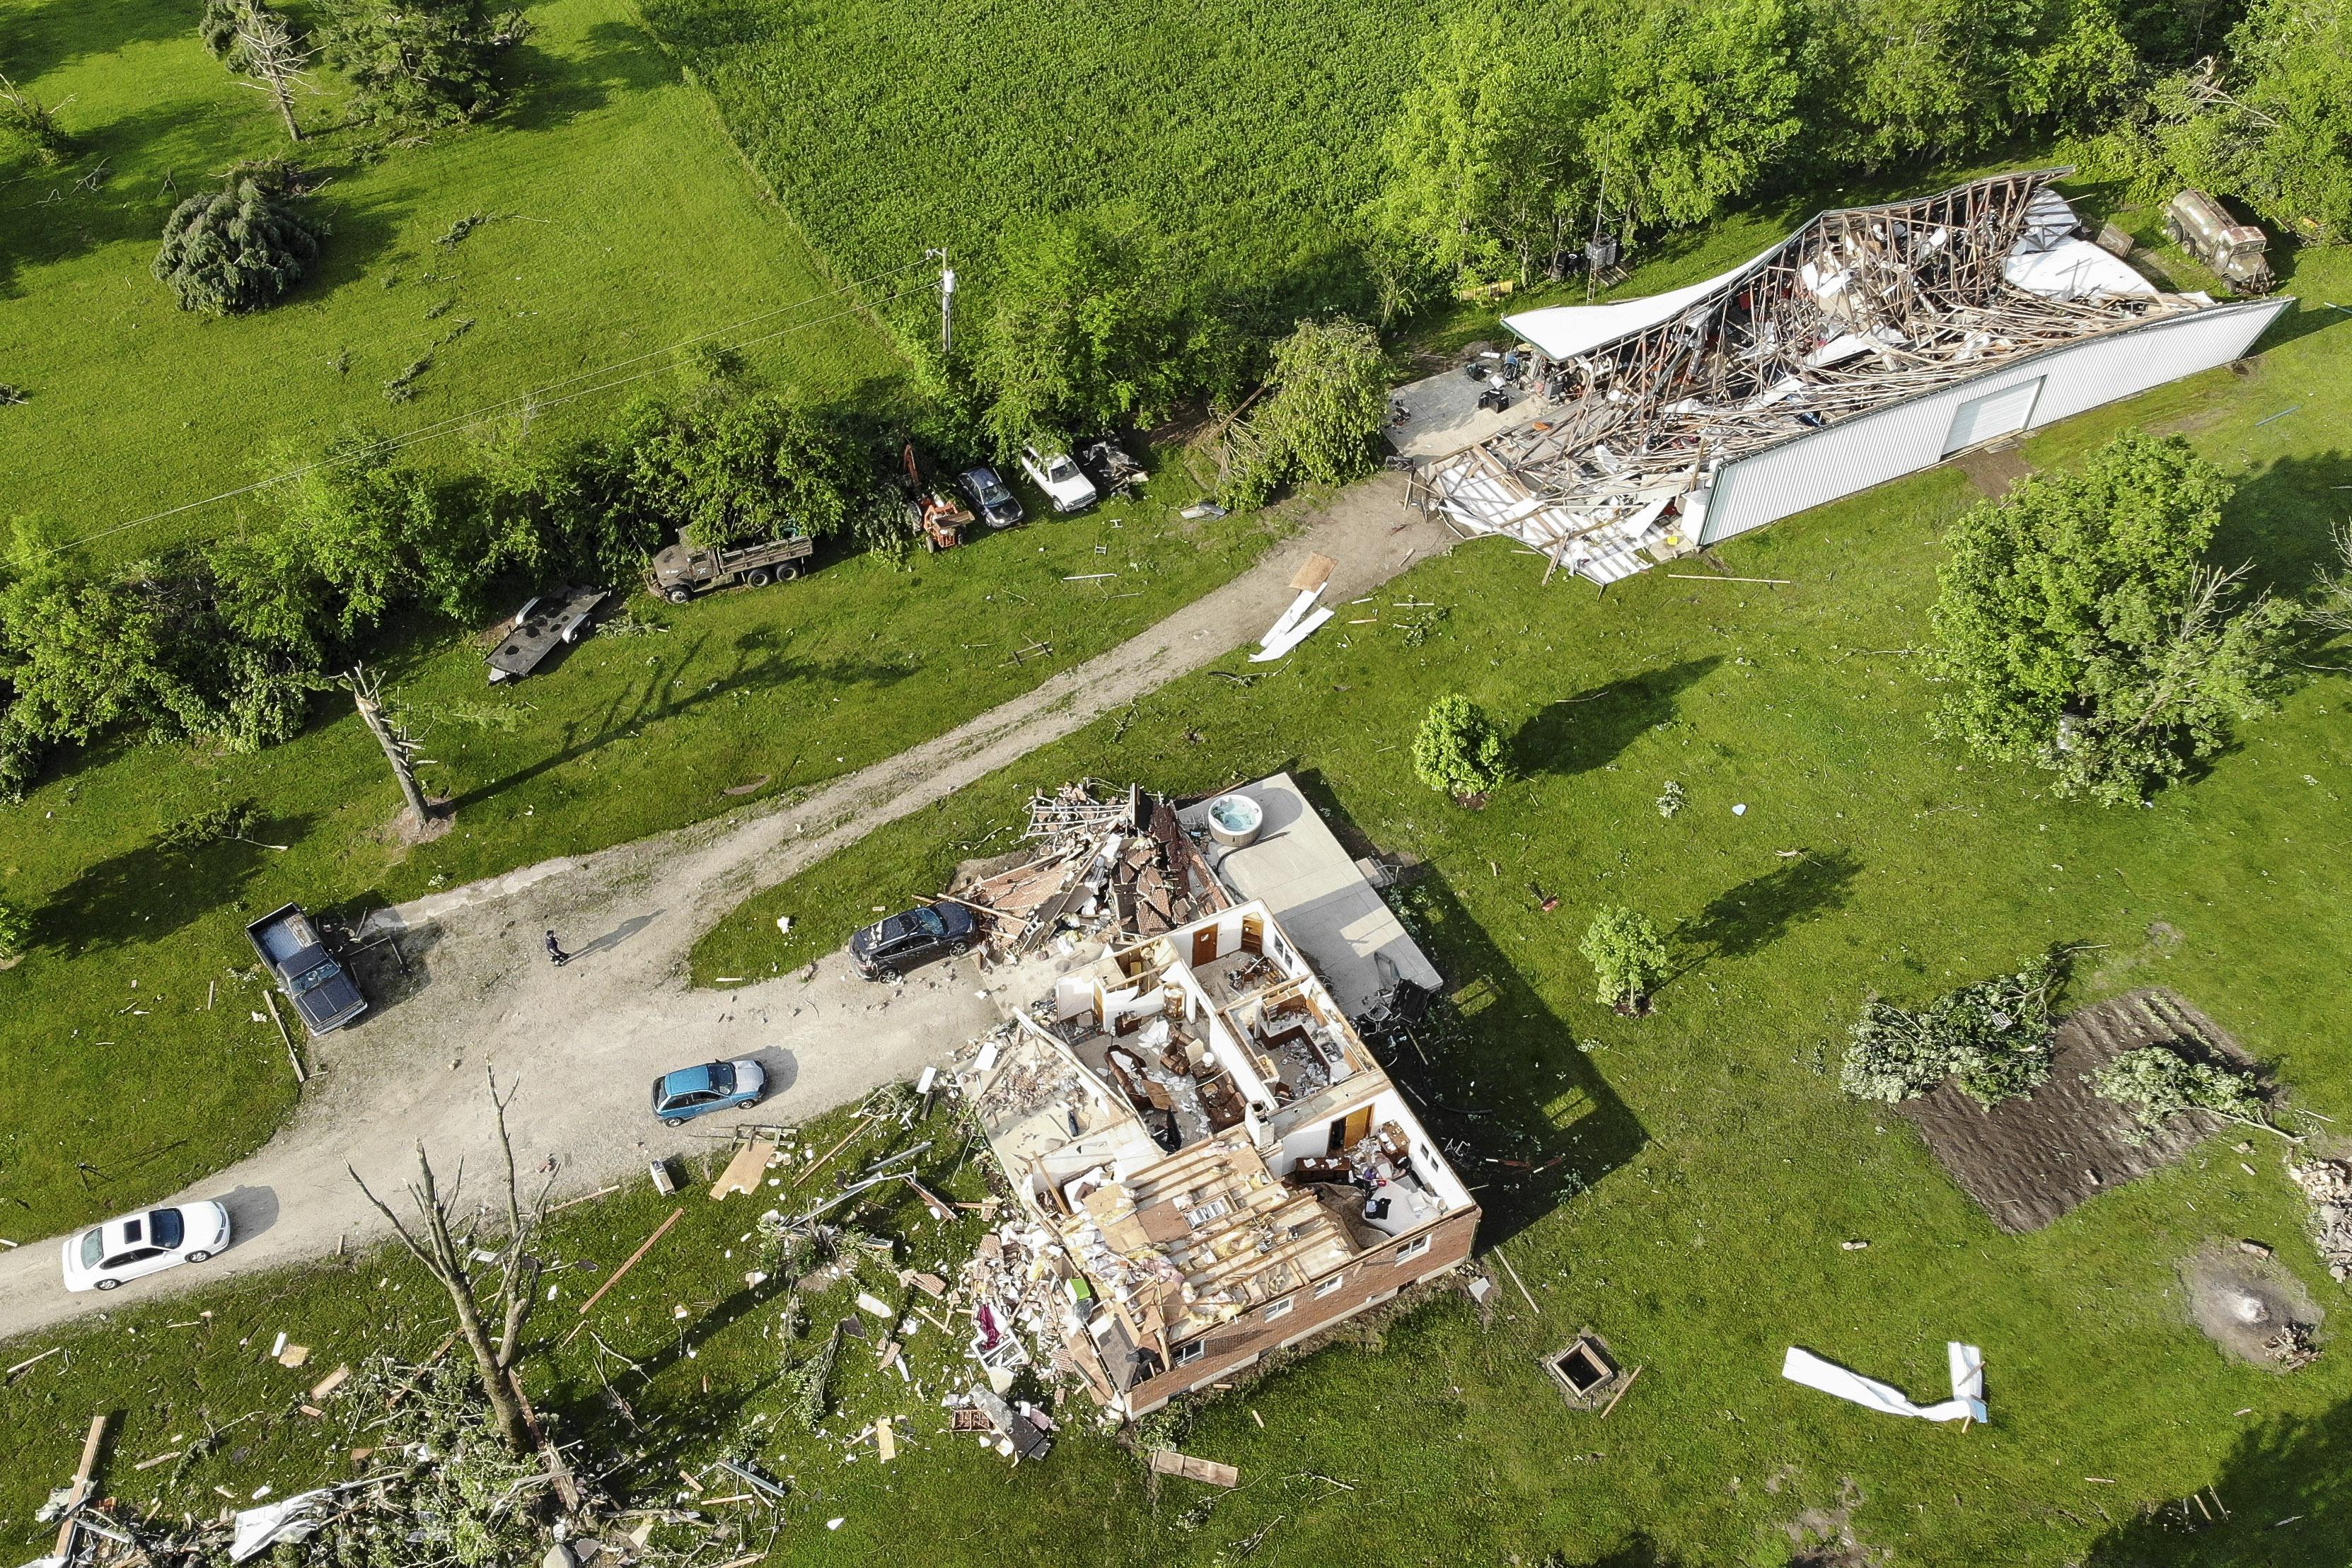 منازل تعرضت لأضرار جراء زوبعة مرت بالمنطقة ليلا في بوكفيل في أوهايو